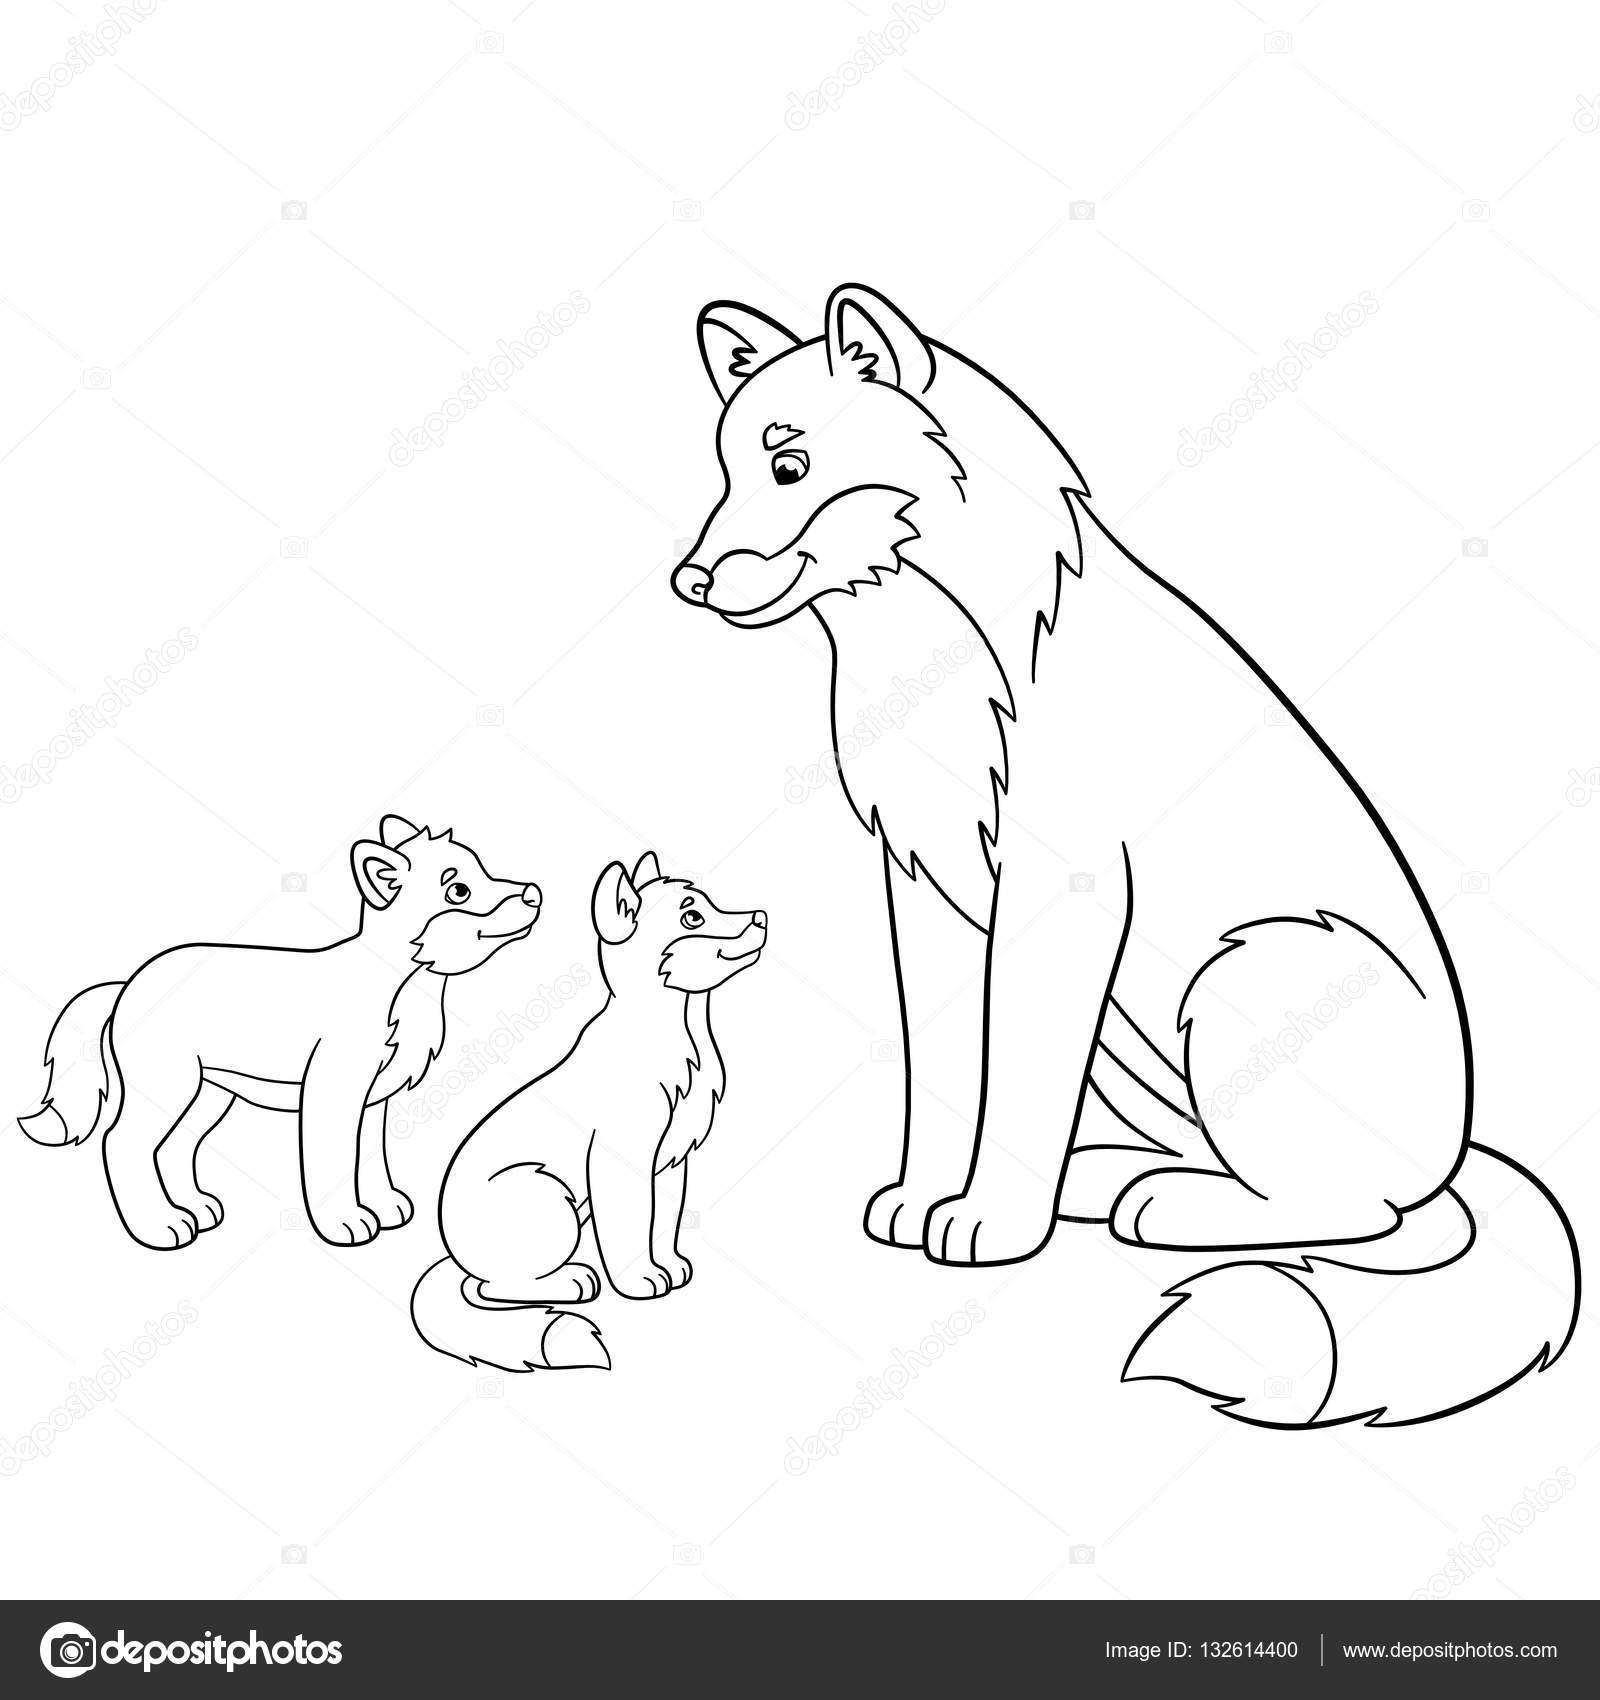 Dibujos para colorear. Padre lobo con sus bebés pequeños — Archivo ...